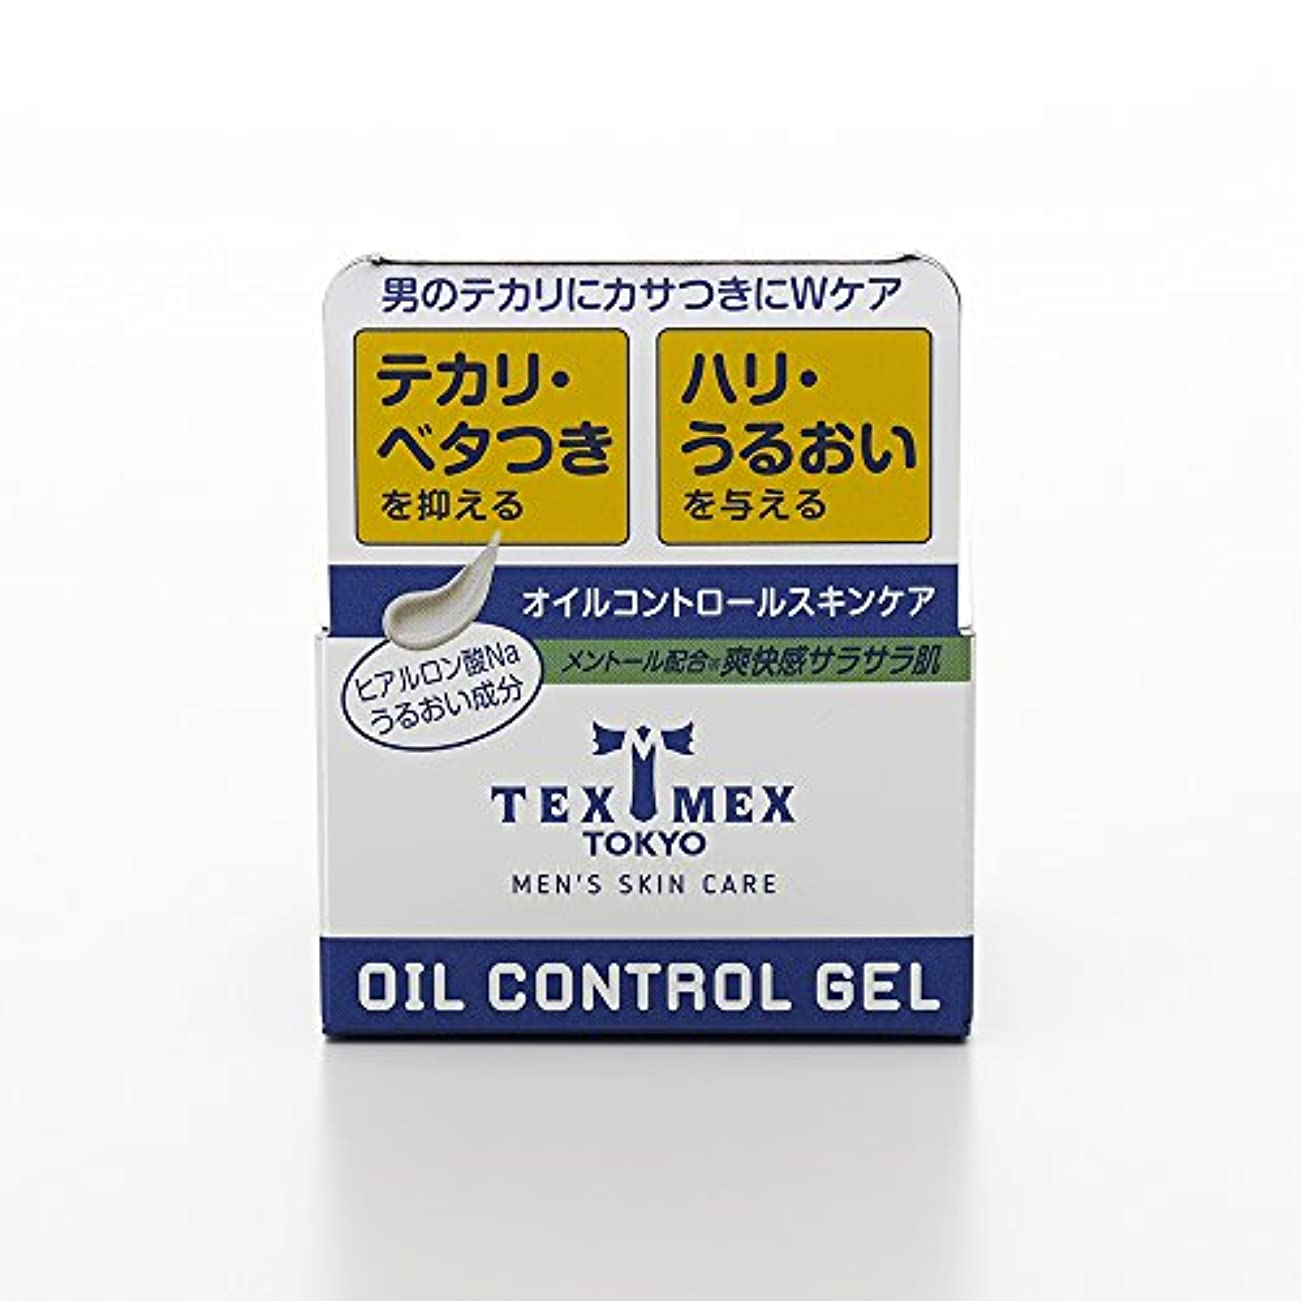 集中泣く視力テックスメックス オイルコントロールジェル 24g (テカリ防止ジェル) 【塗るだけでサラサラ肌に】